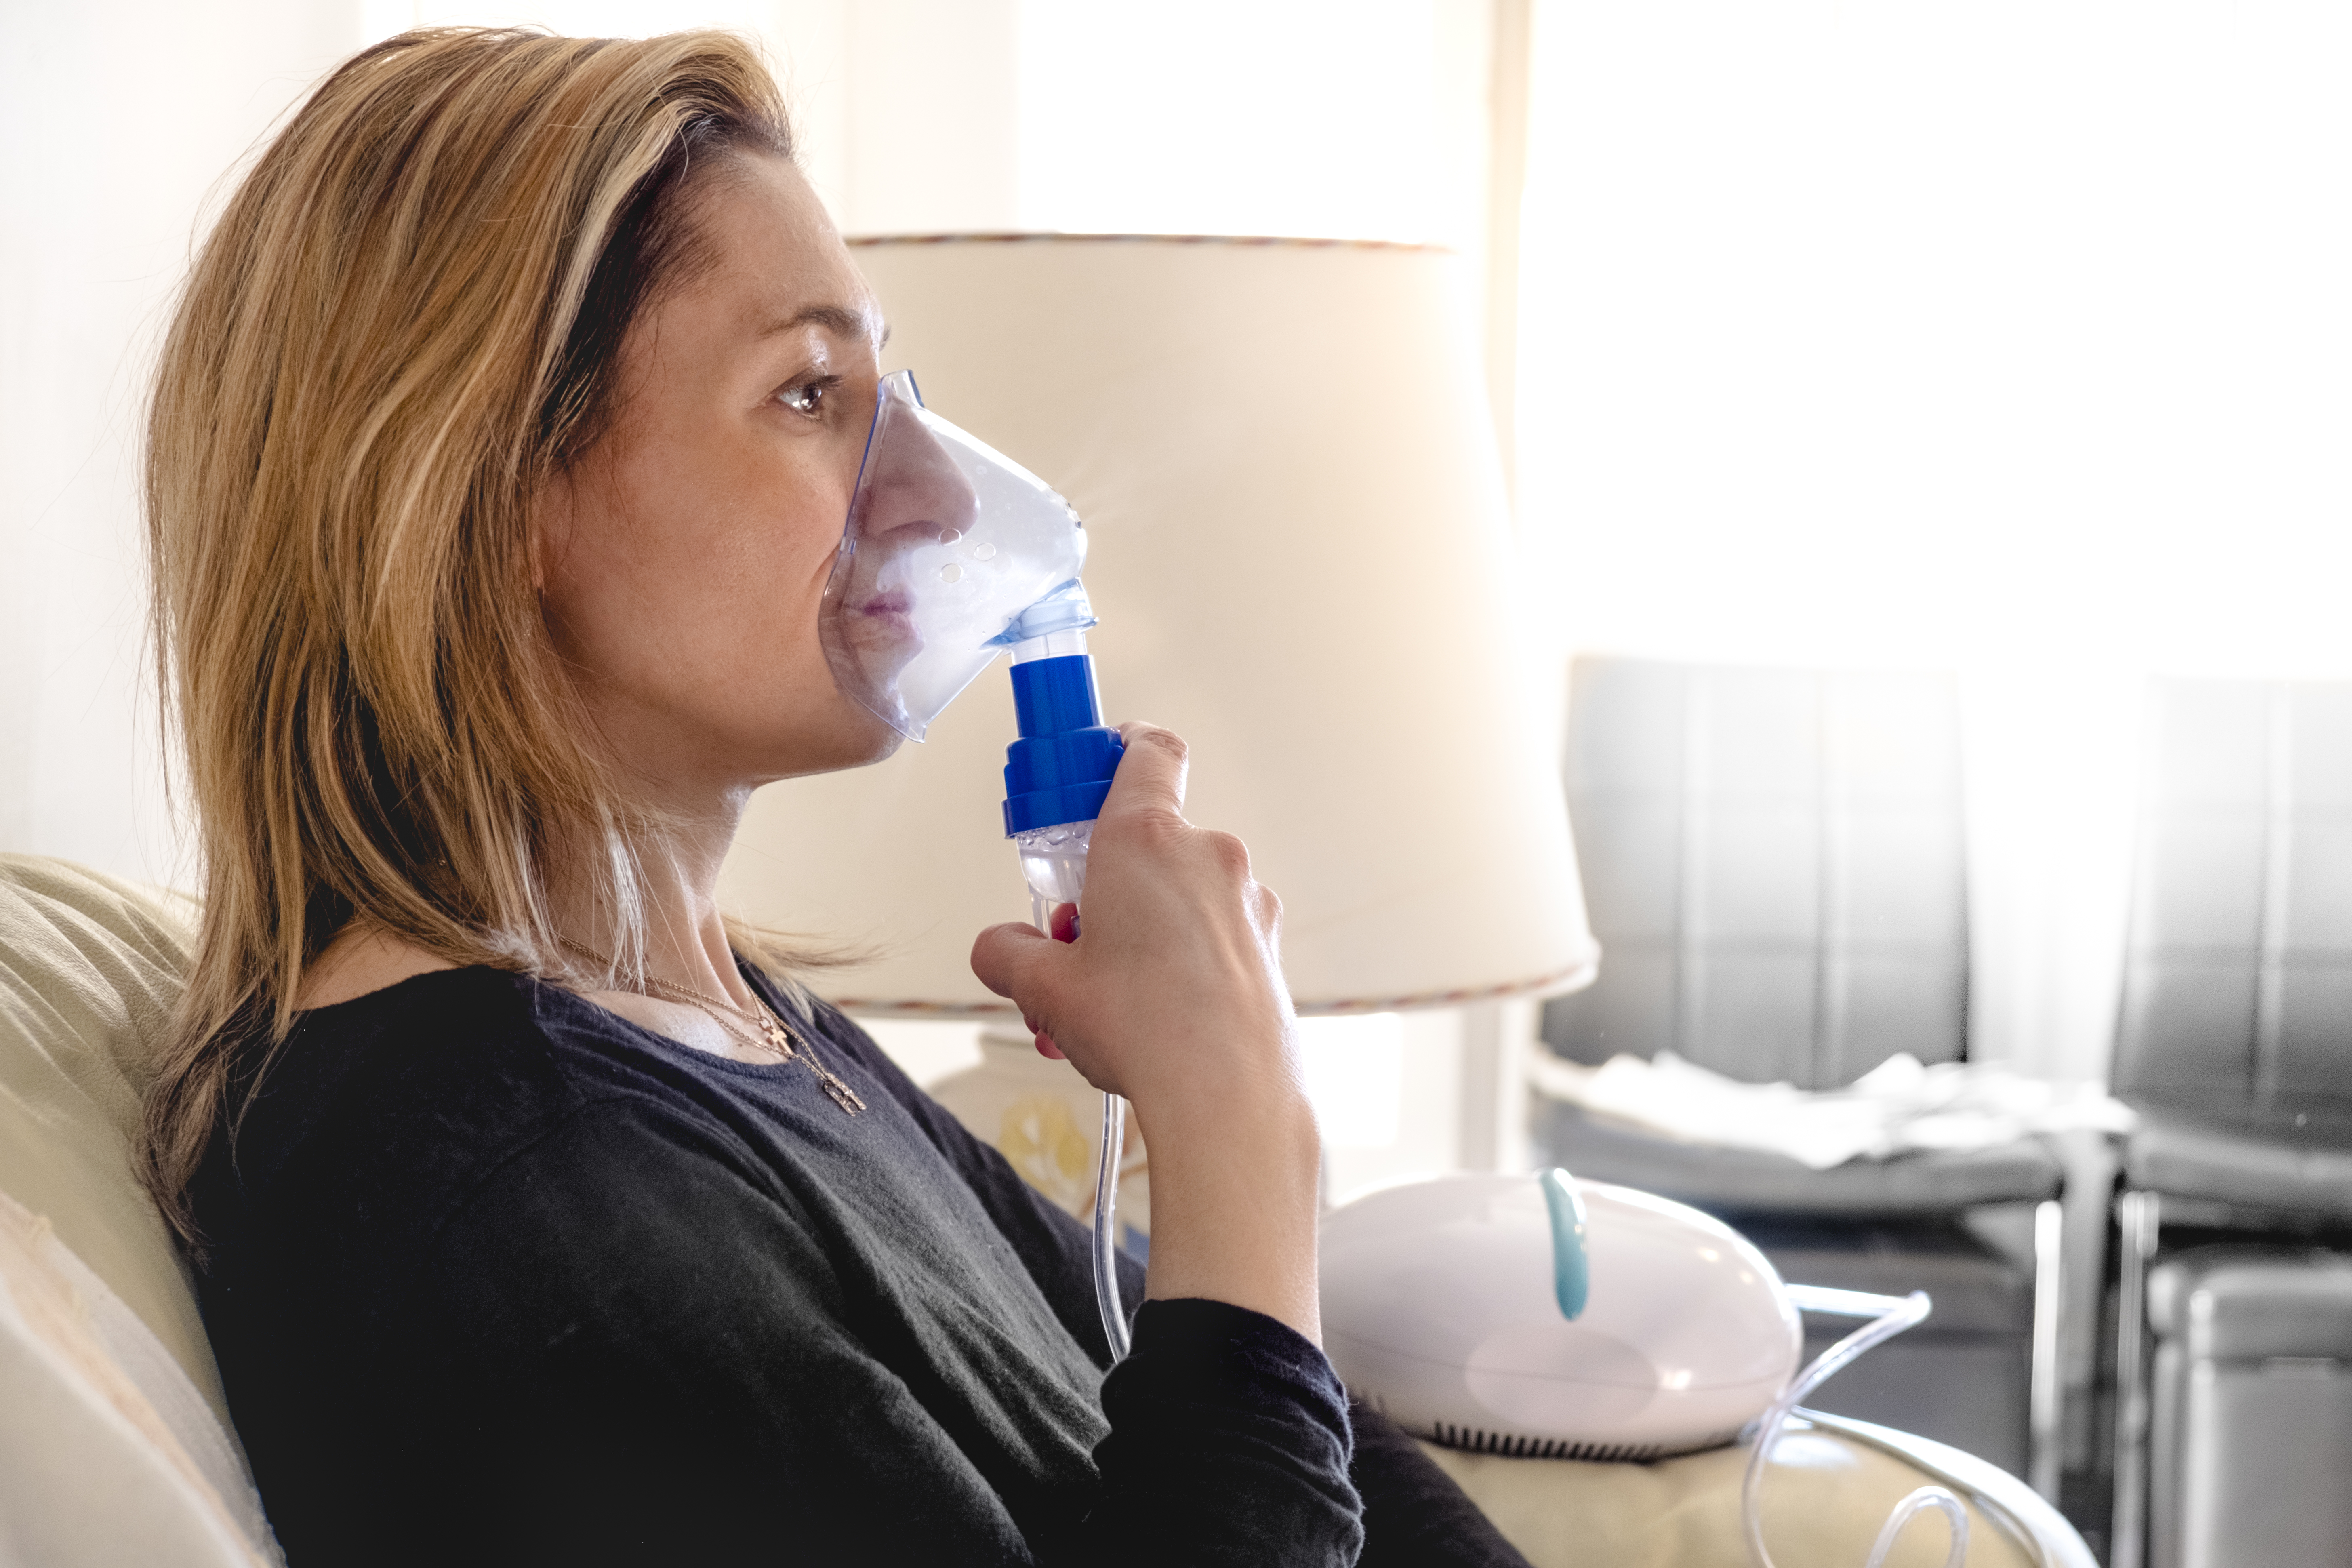 Woman Using A Nebulizer